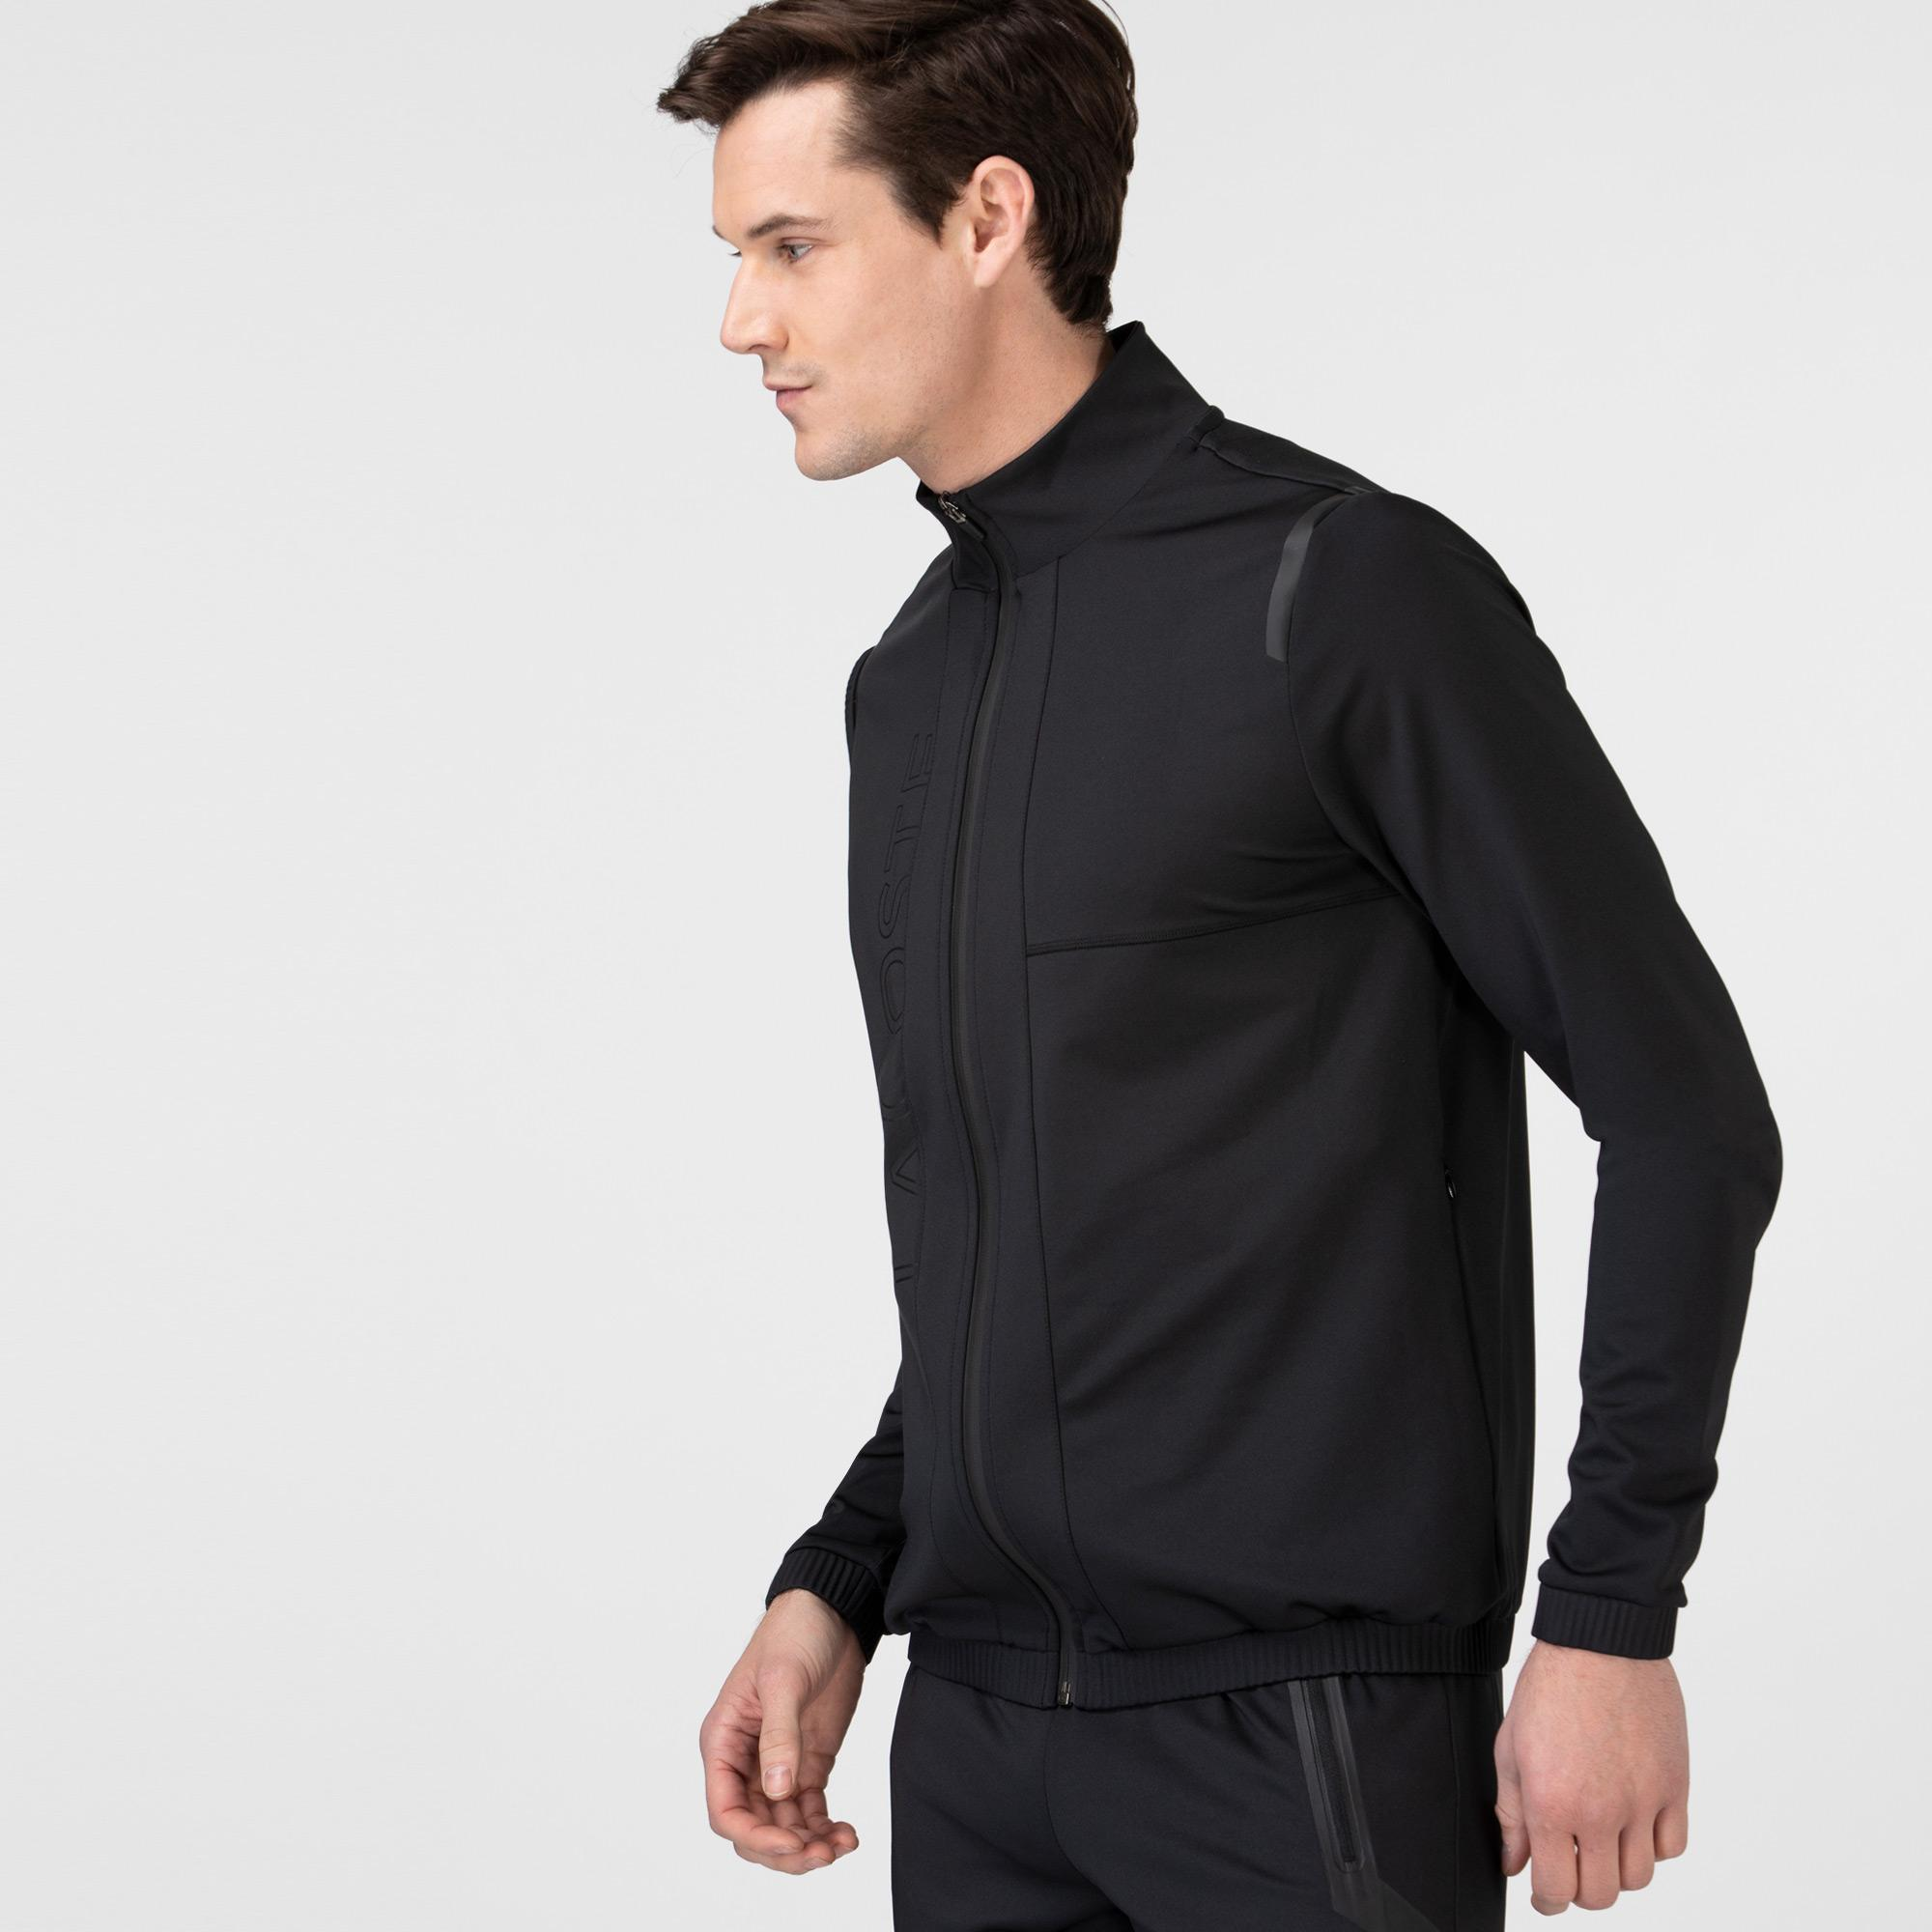 Lacoste Erkek Fermuarlı Baskılı Siyah Sweatshirt